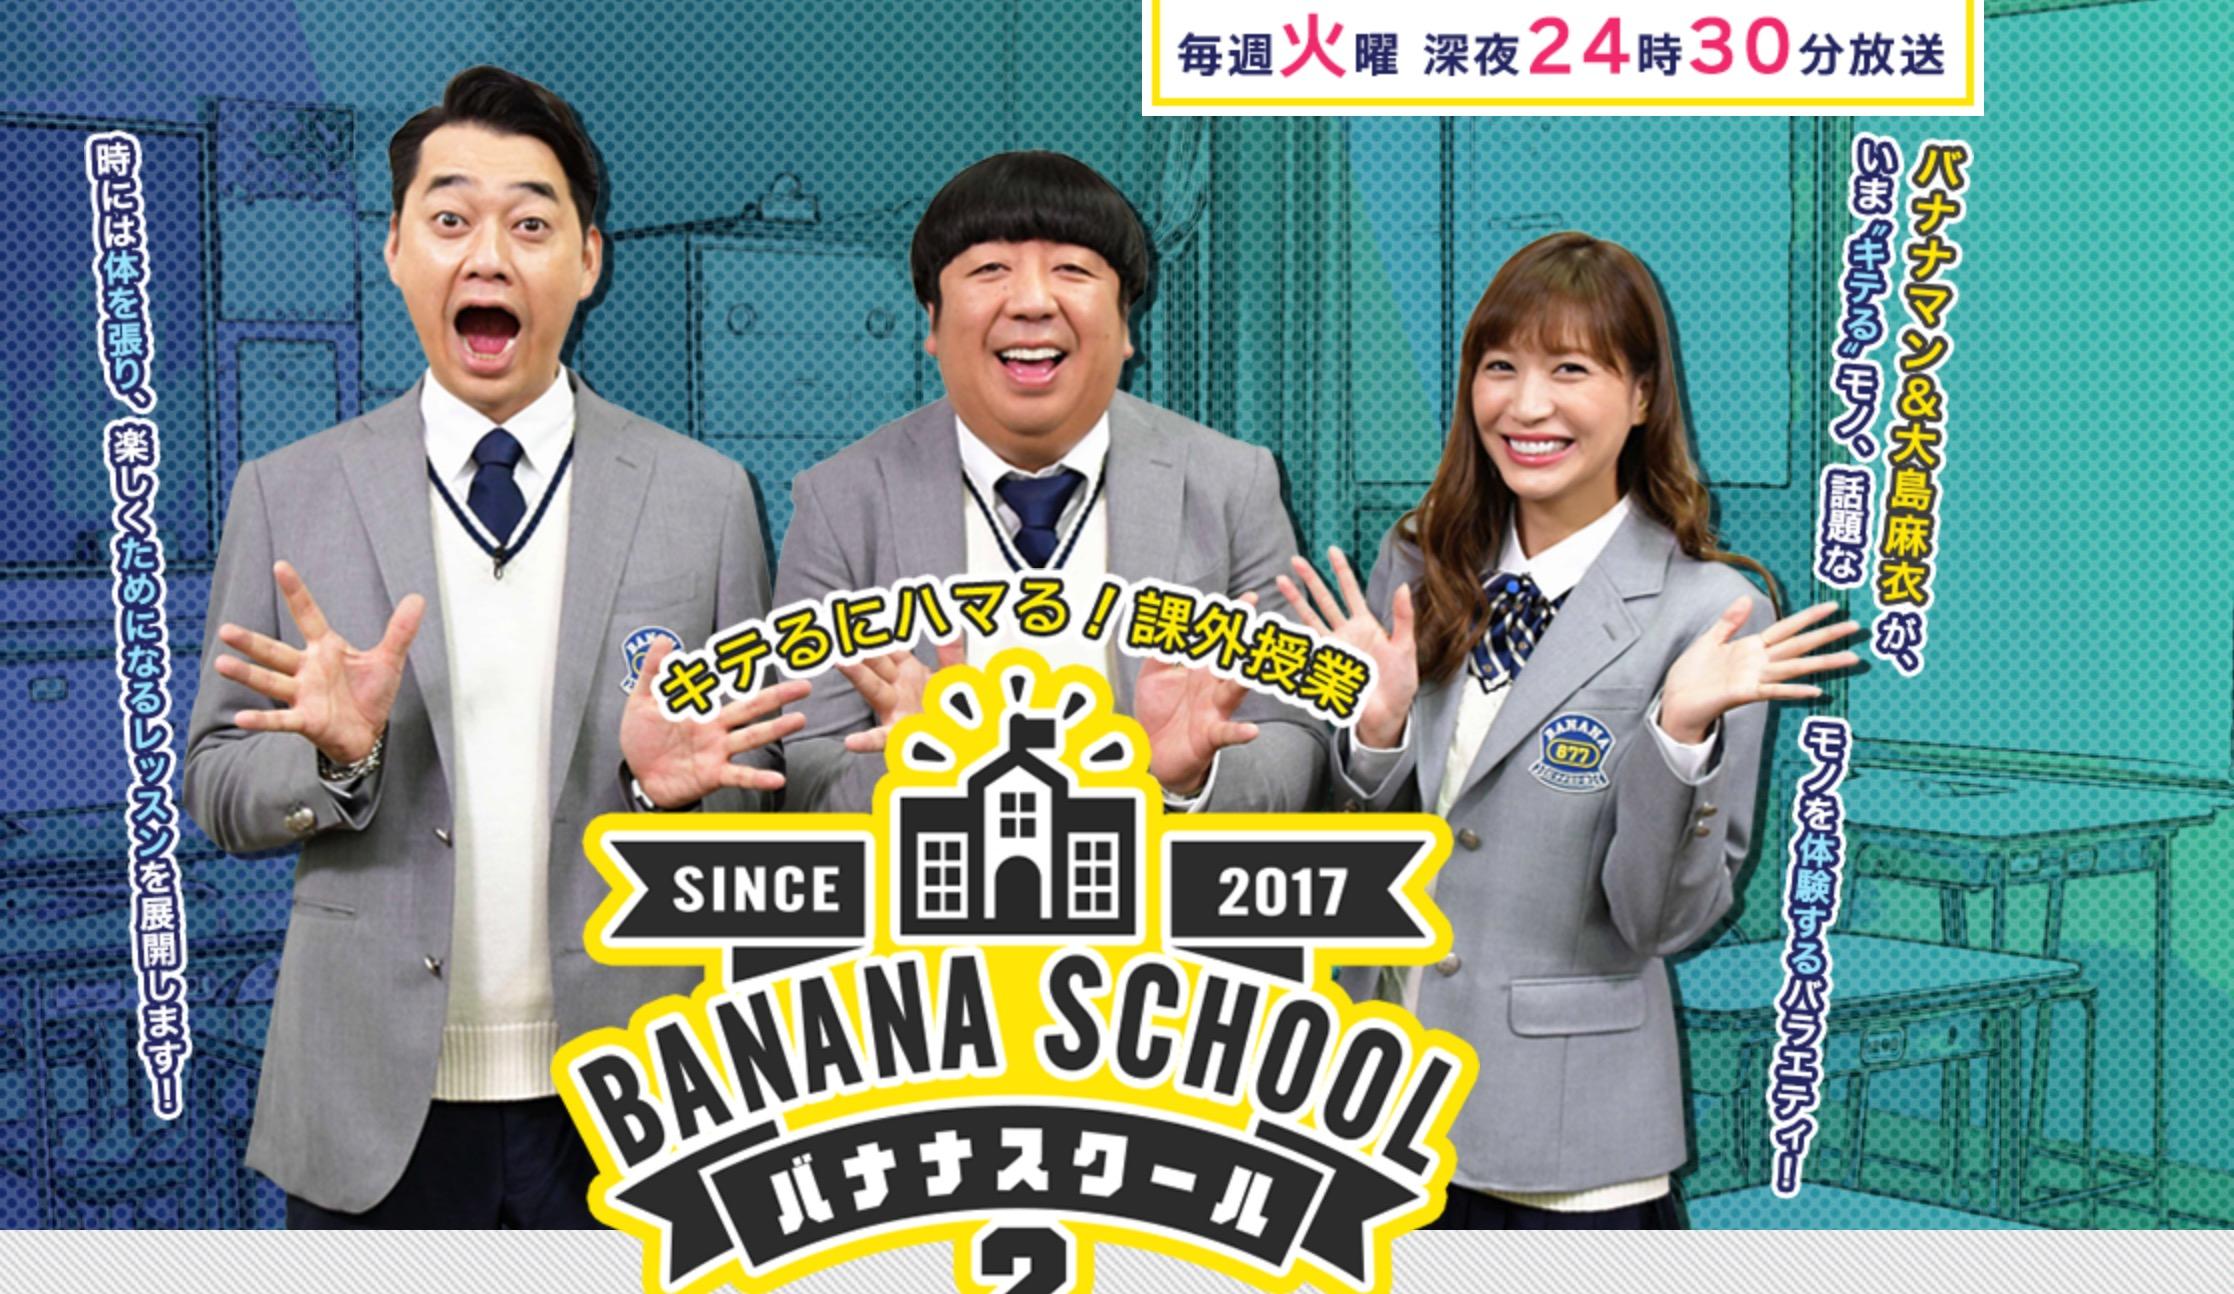 キテるにハマる!課外授業 バナナスクール2